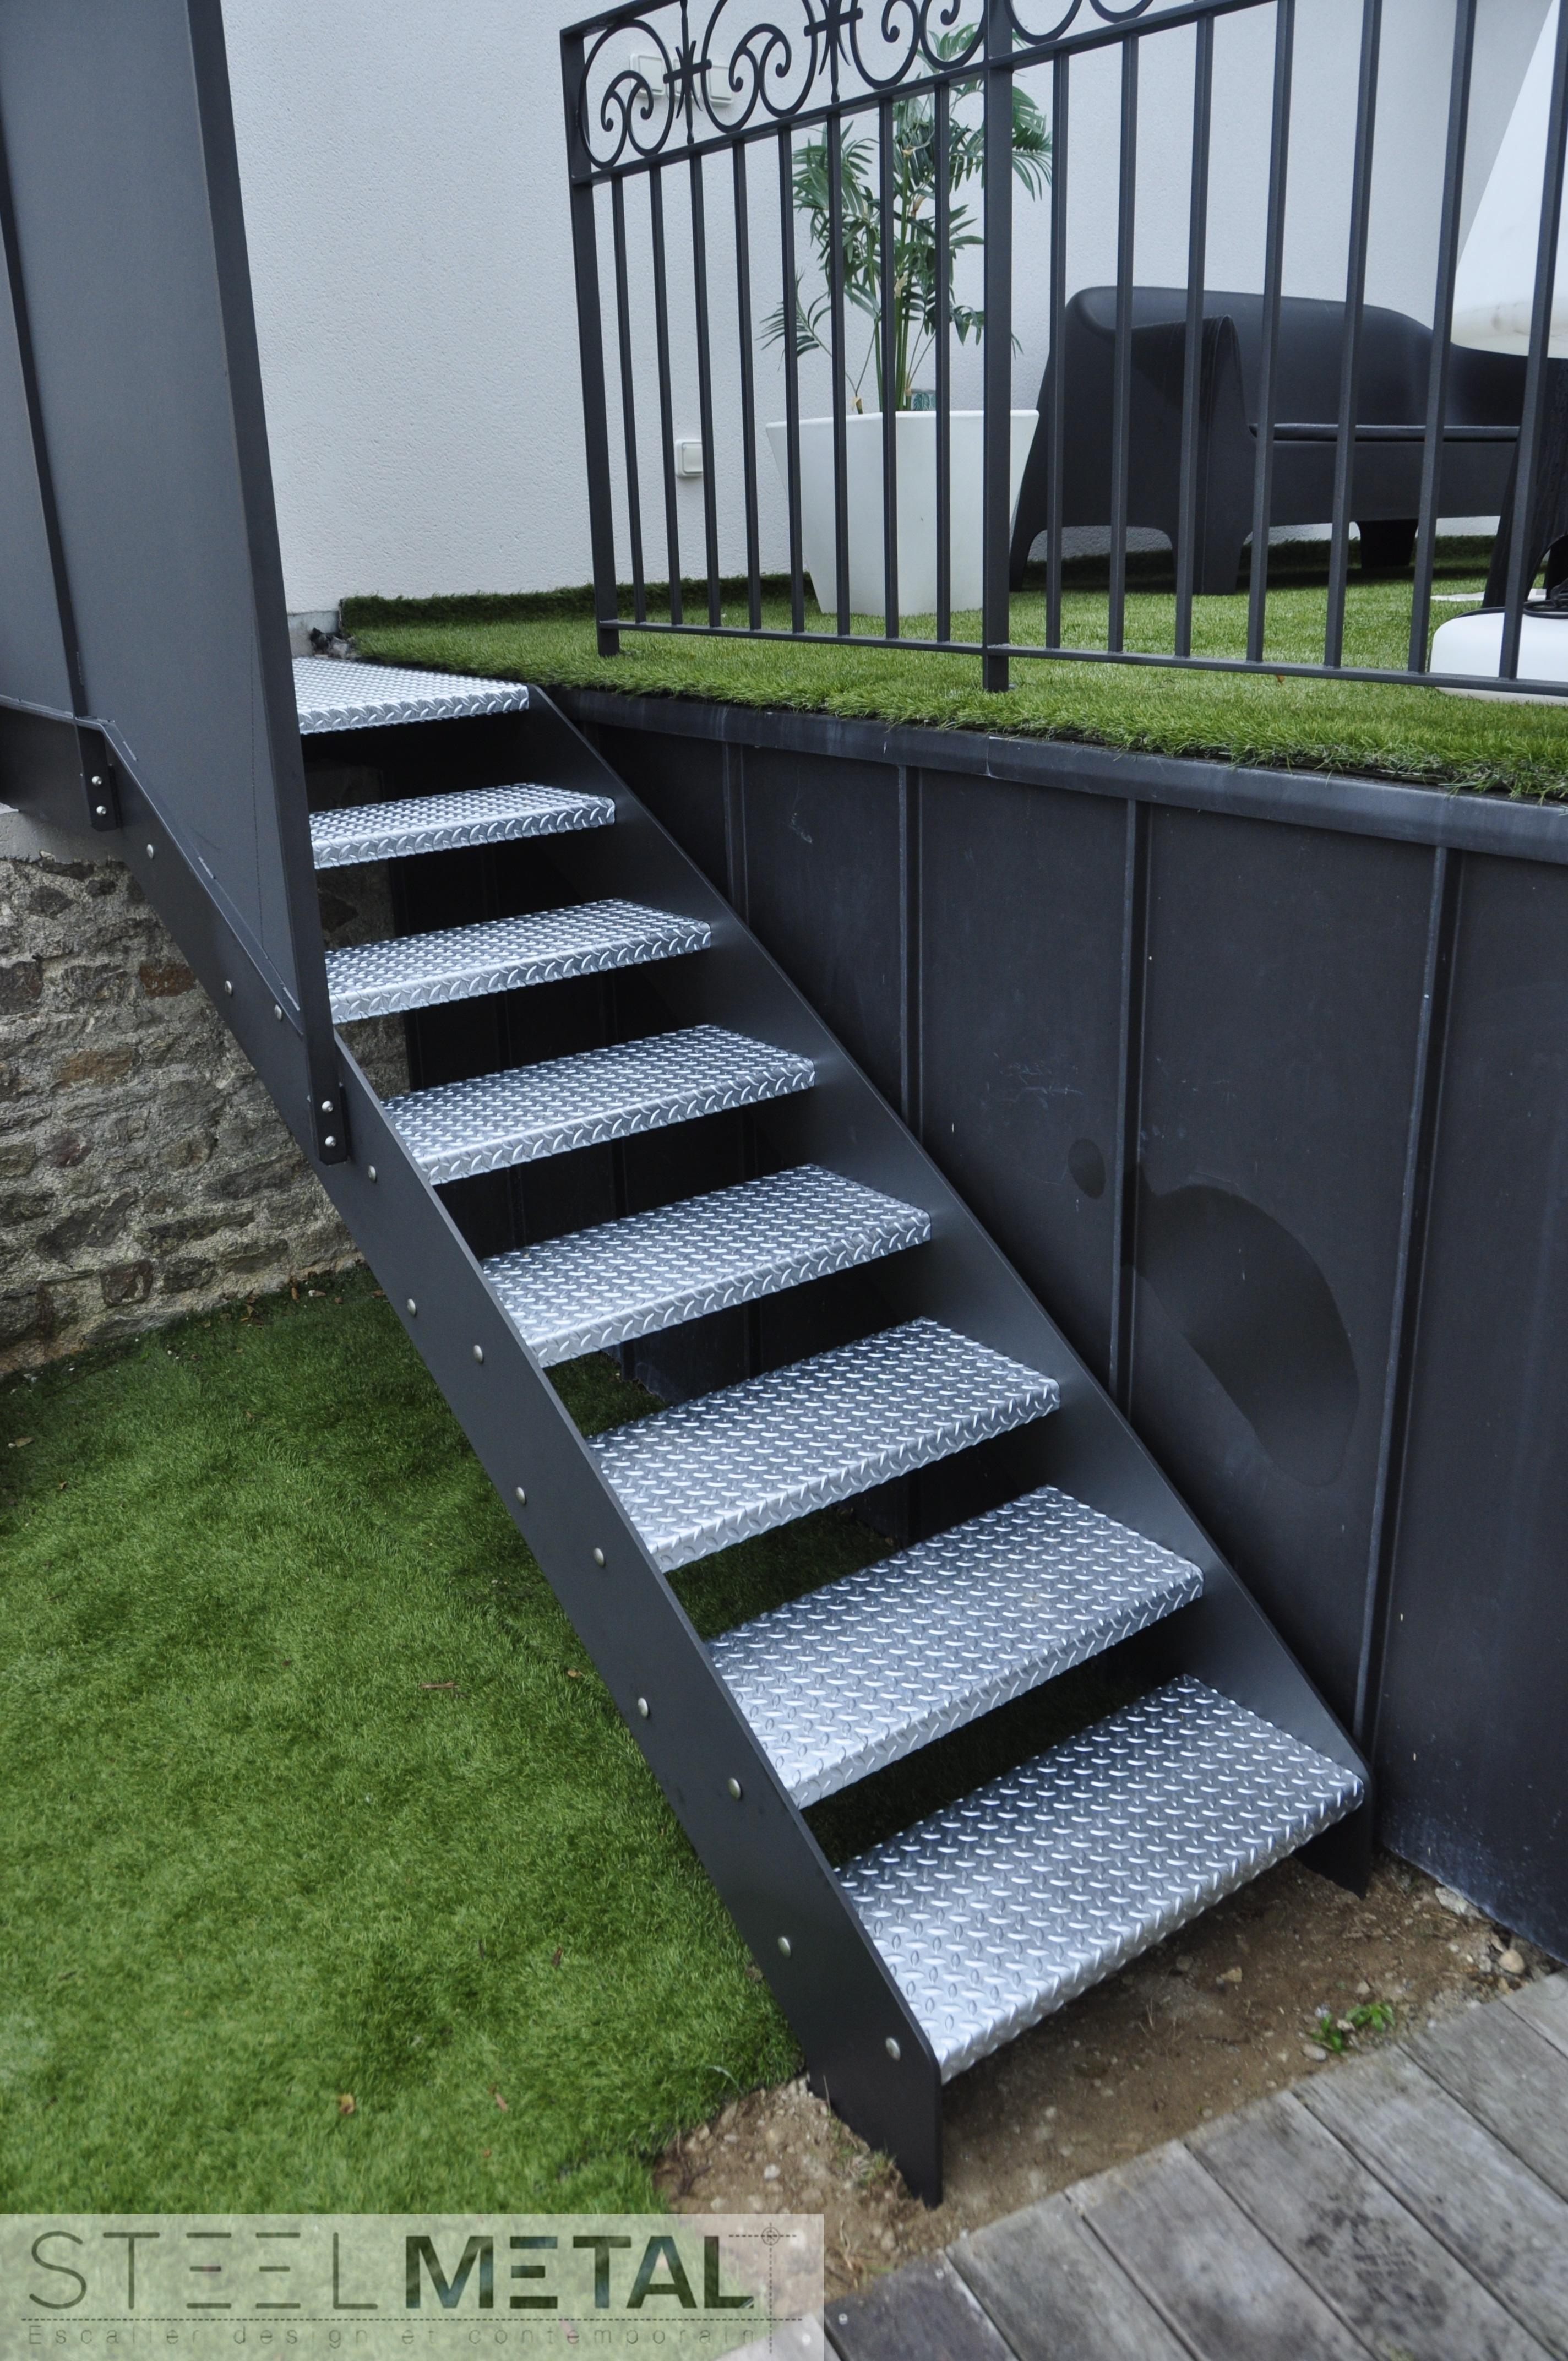 escalier ext rieur en m tal steelm tal. Black Bedroom Furniture Sets. Home Design Ideas